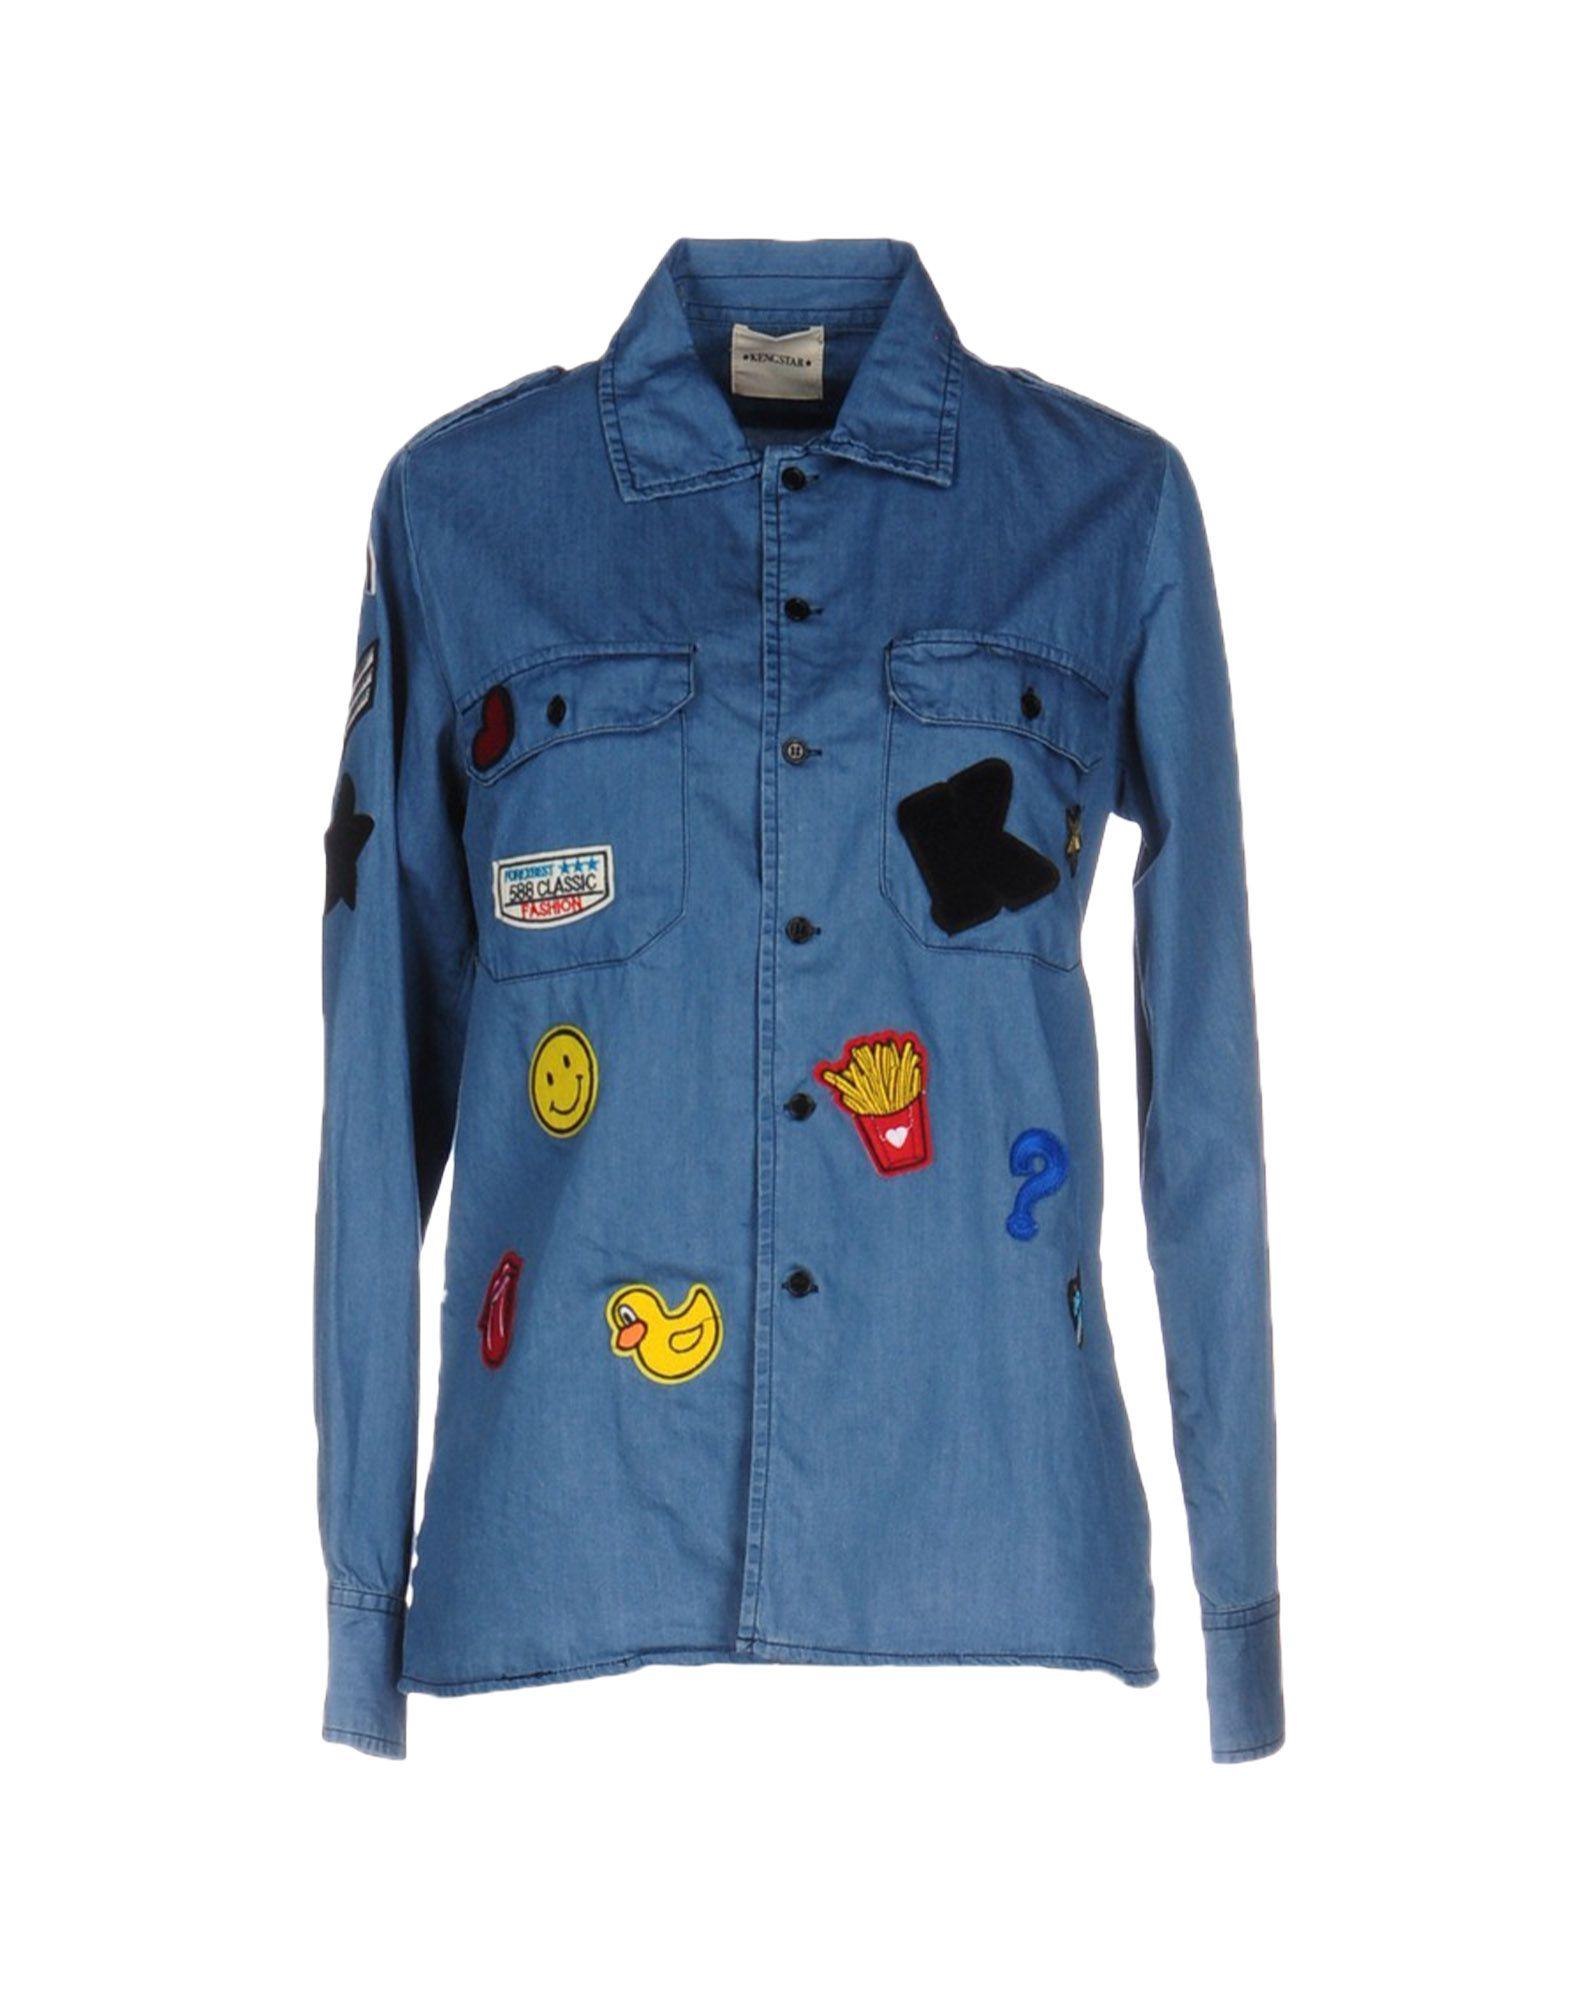 KENGSTAR Джинсовая рубашка kengstar джинсовая верхняя одежда